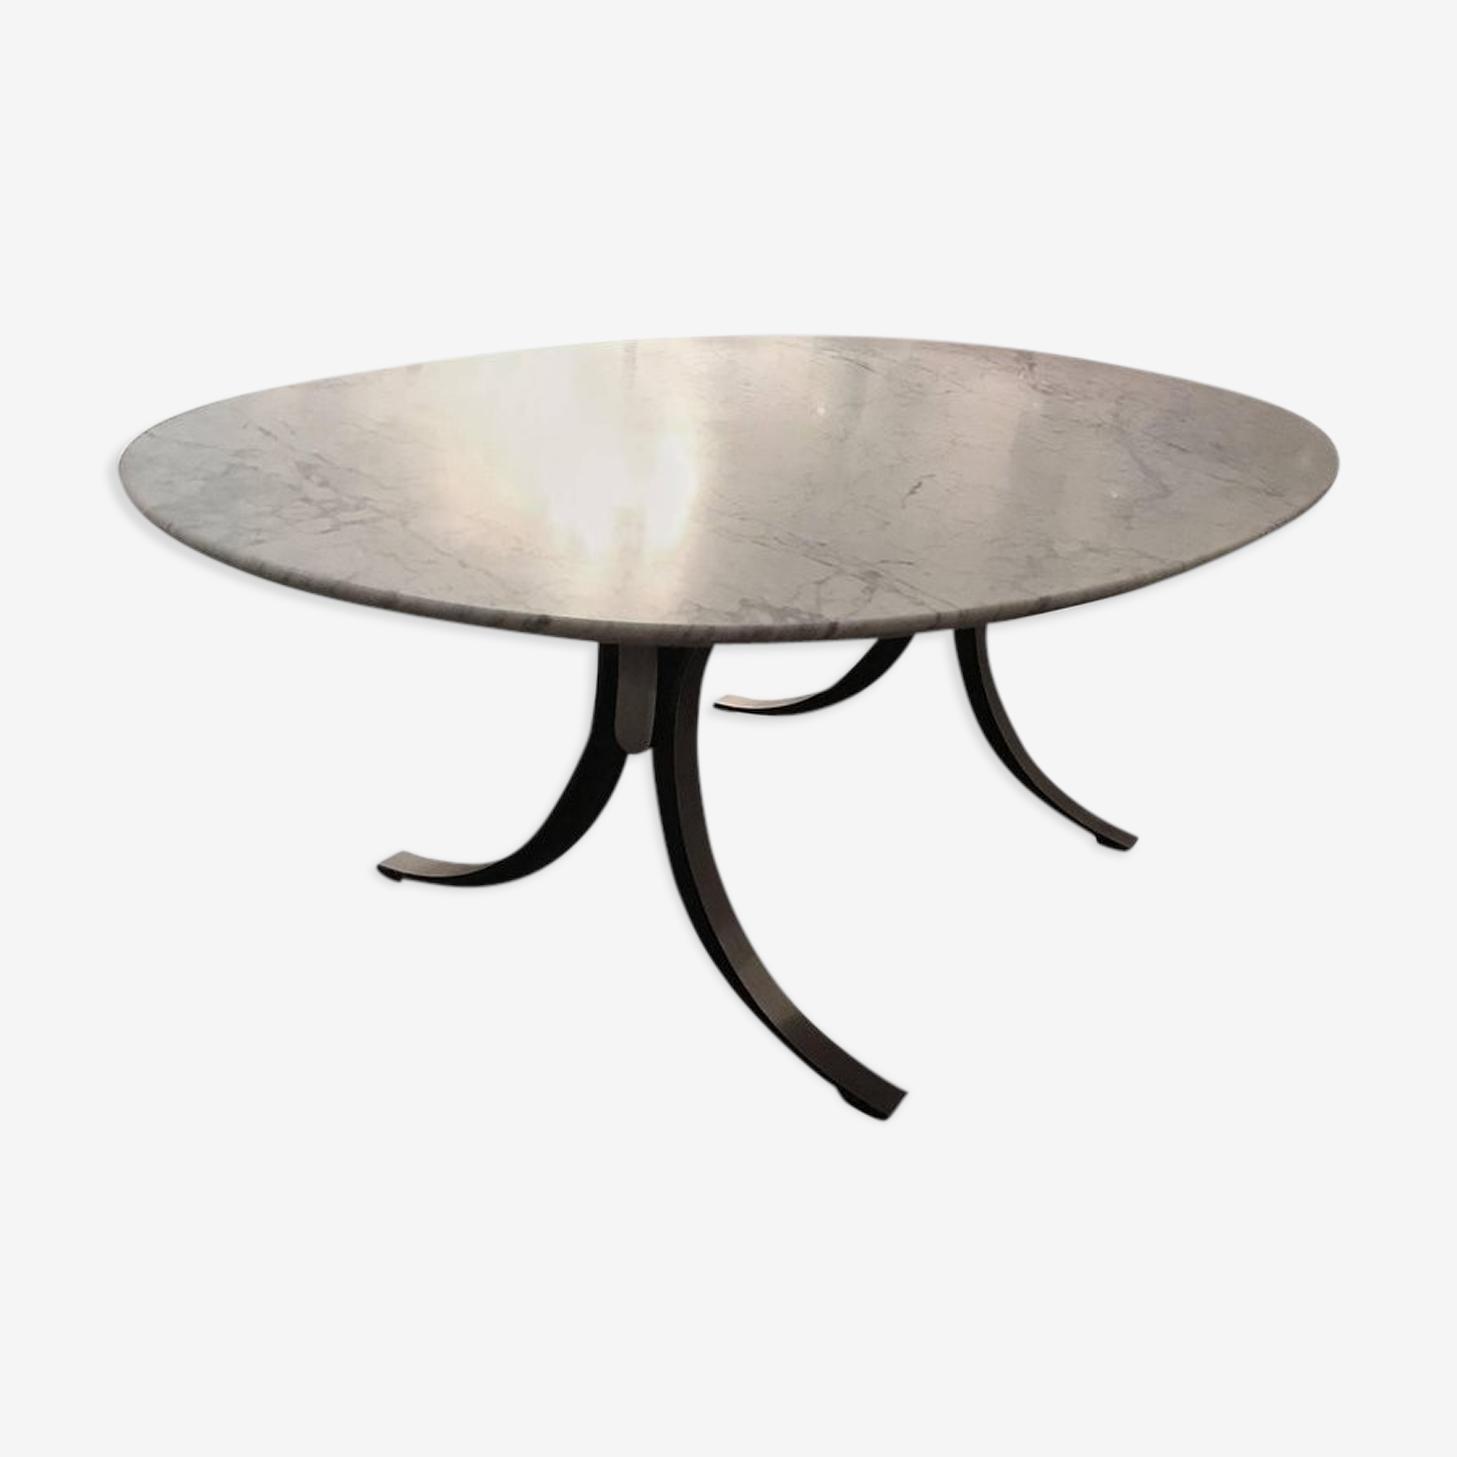 Table de salle à manger Osvaldo Borsani avec plateau original en marbre de cararre tecno 1960